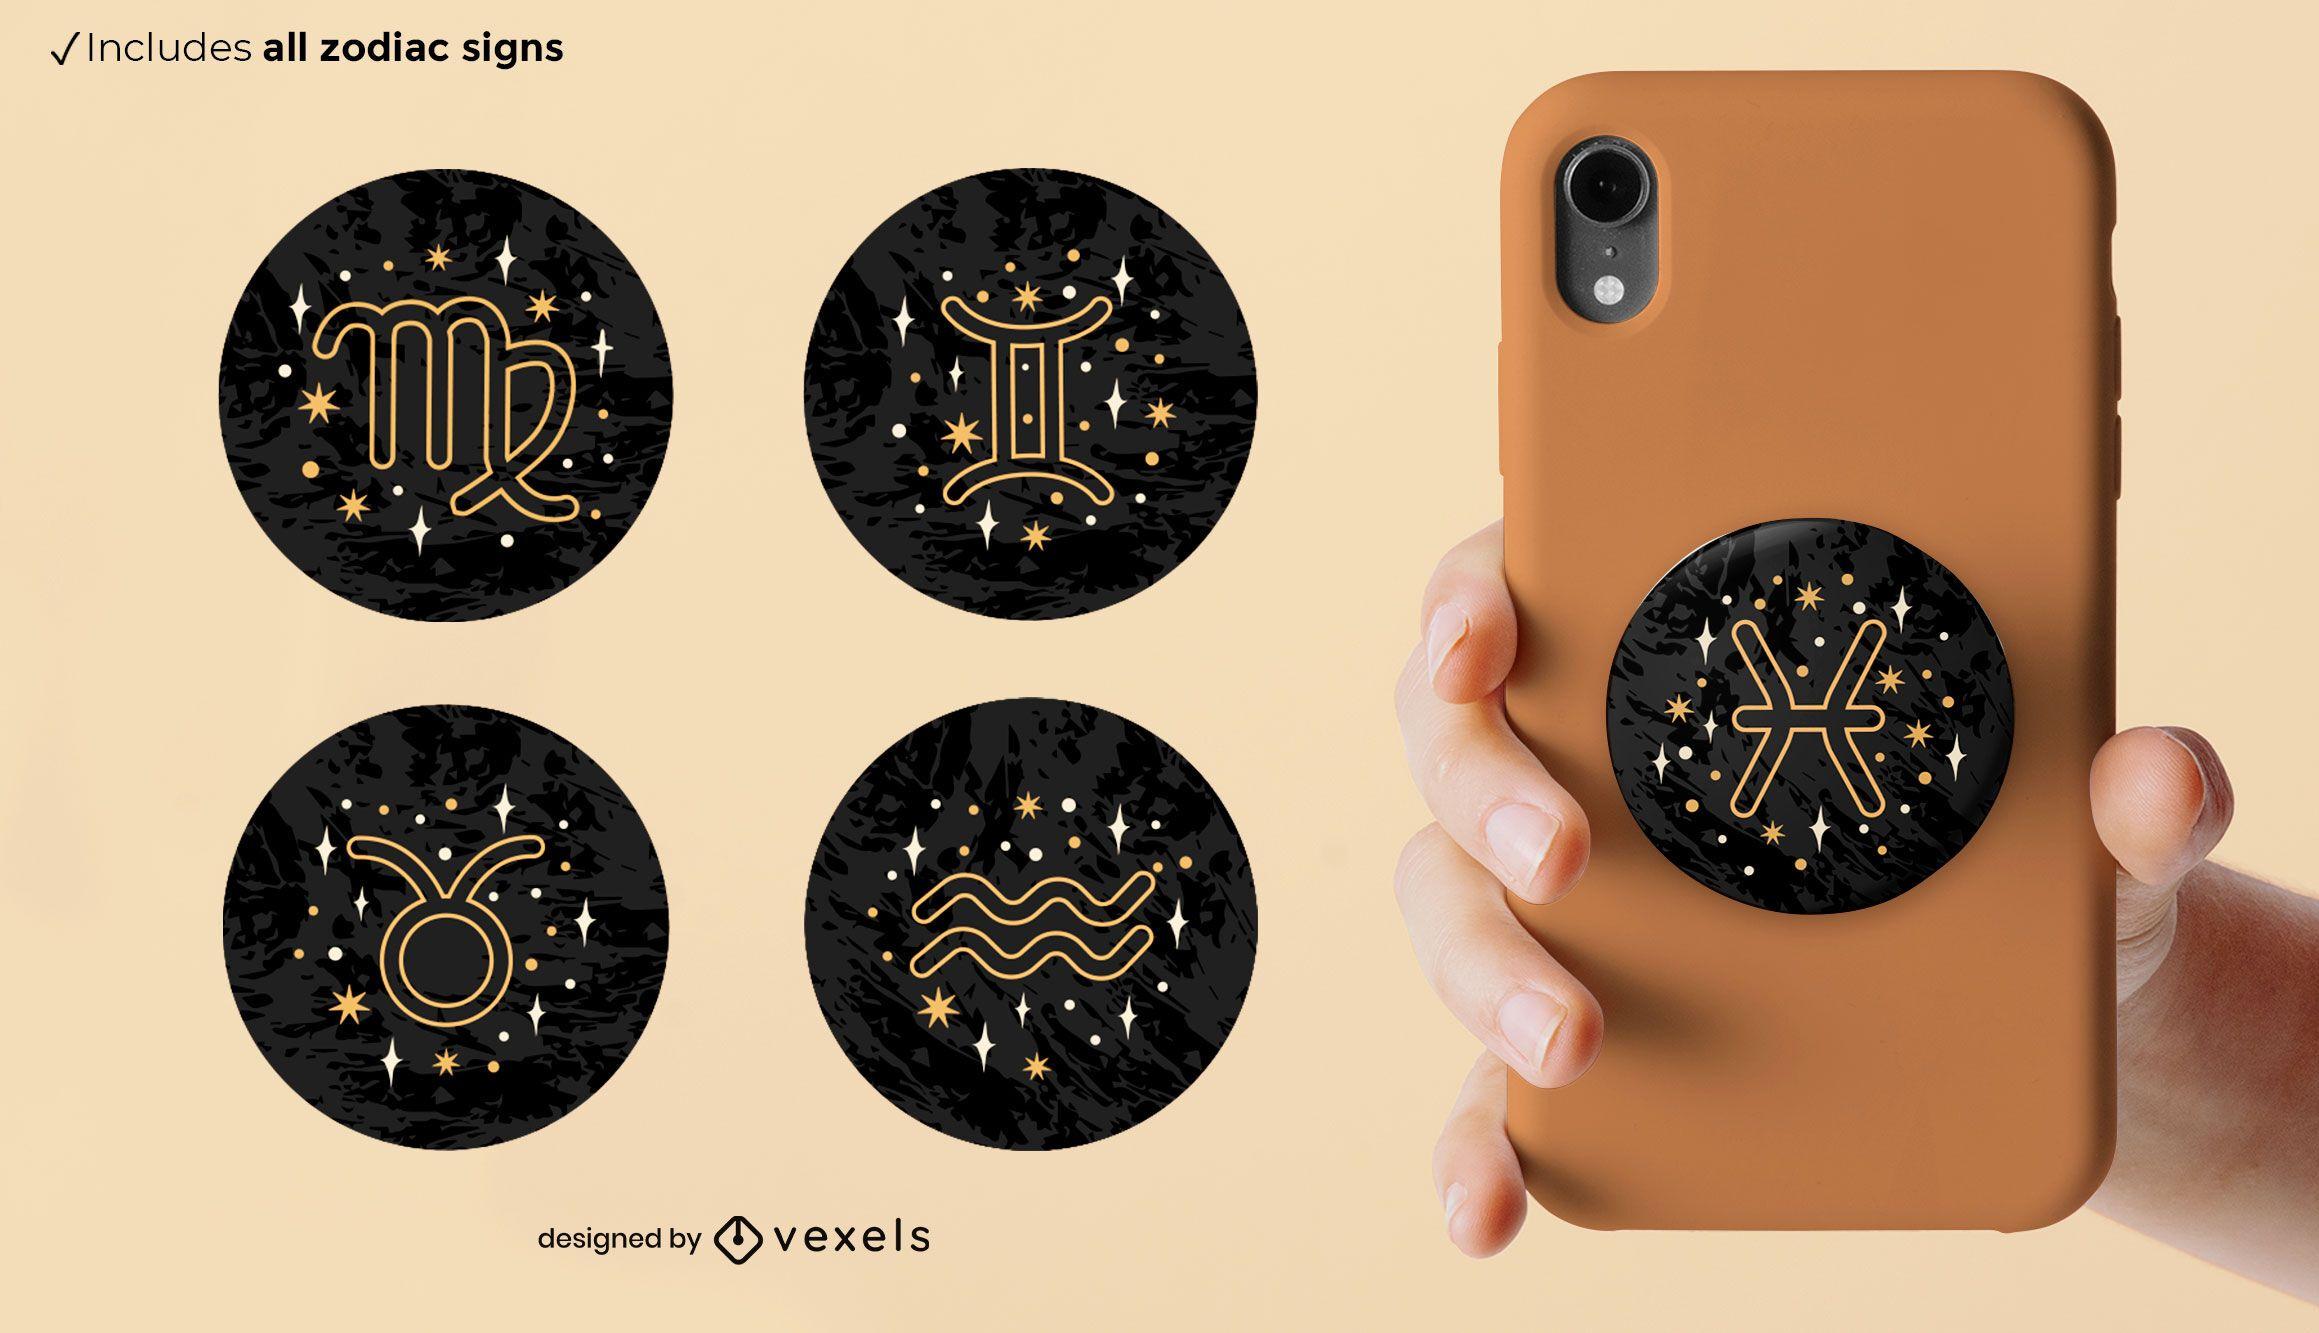 Zodiac signs popsocket set